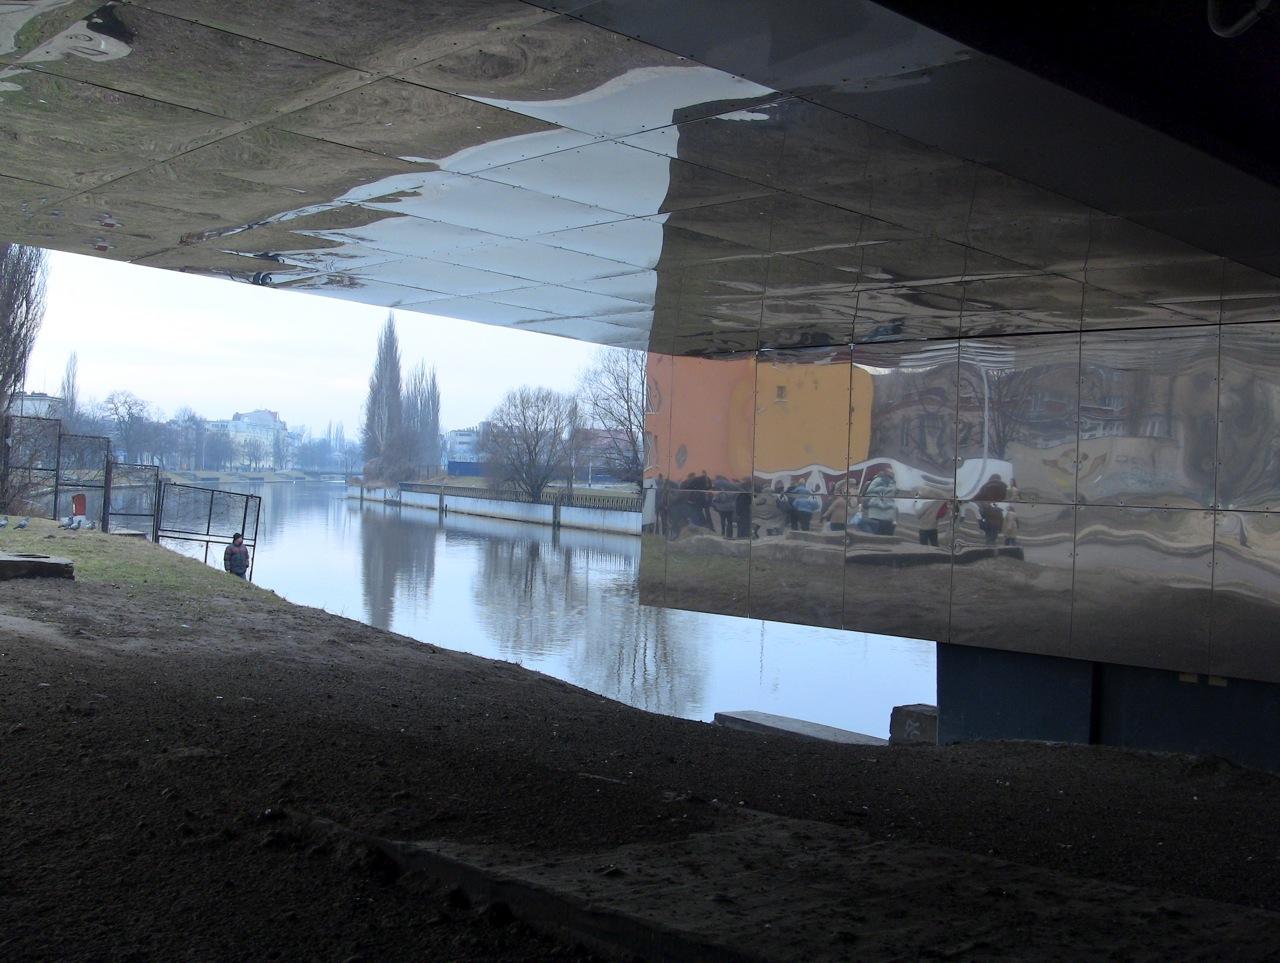 Galeria Zewnętrzna Miasta Gdańska